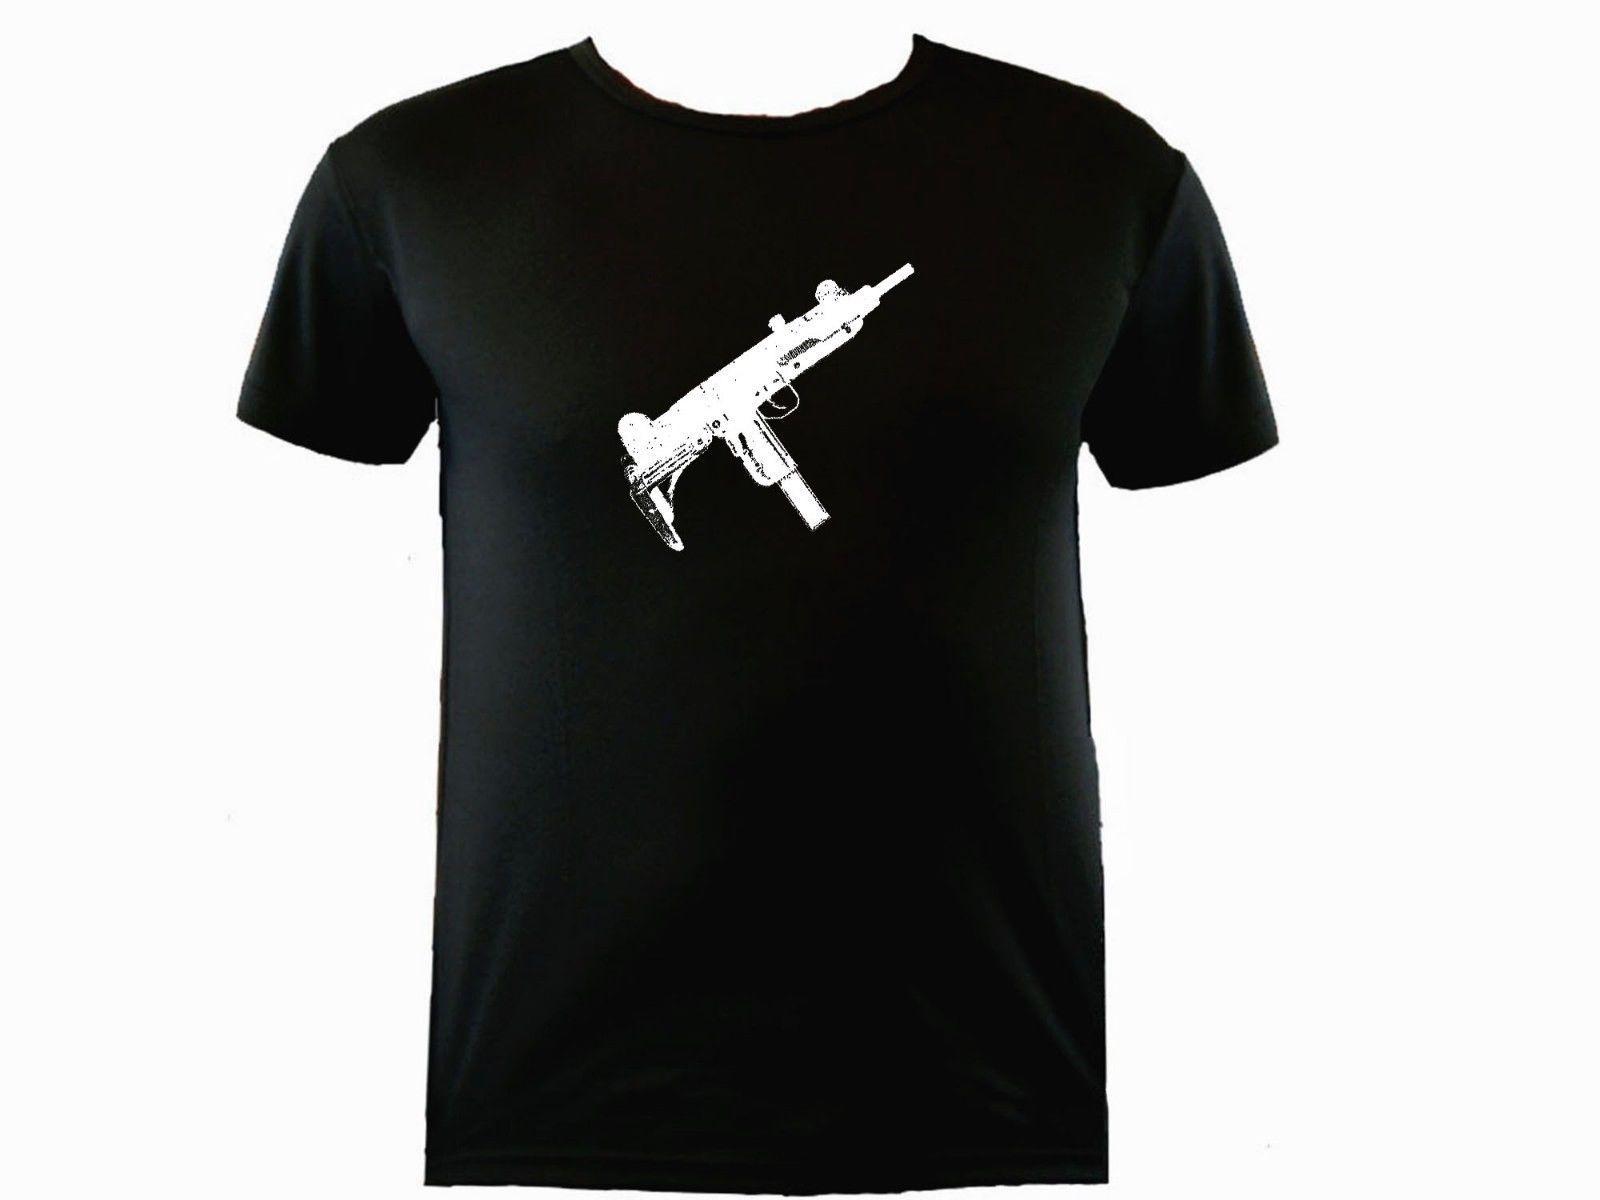 UZI Israel arma rifle suar prova treino de poliéster t-shirtFunny manga curta T-shirts Verão Hip Hop